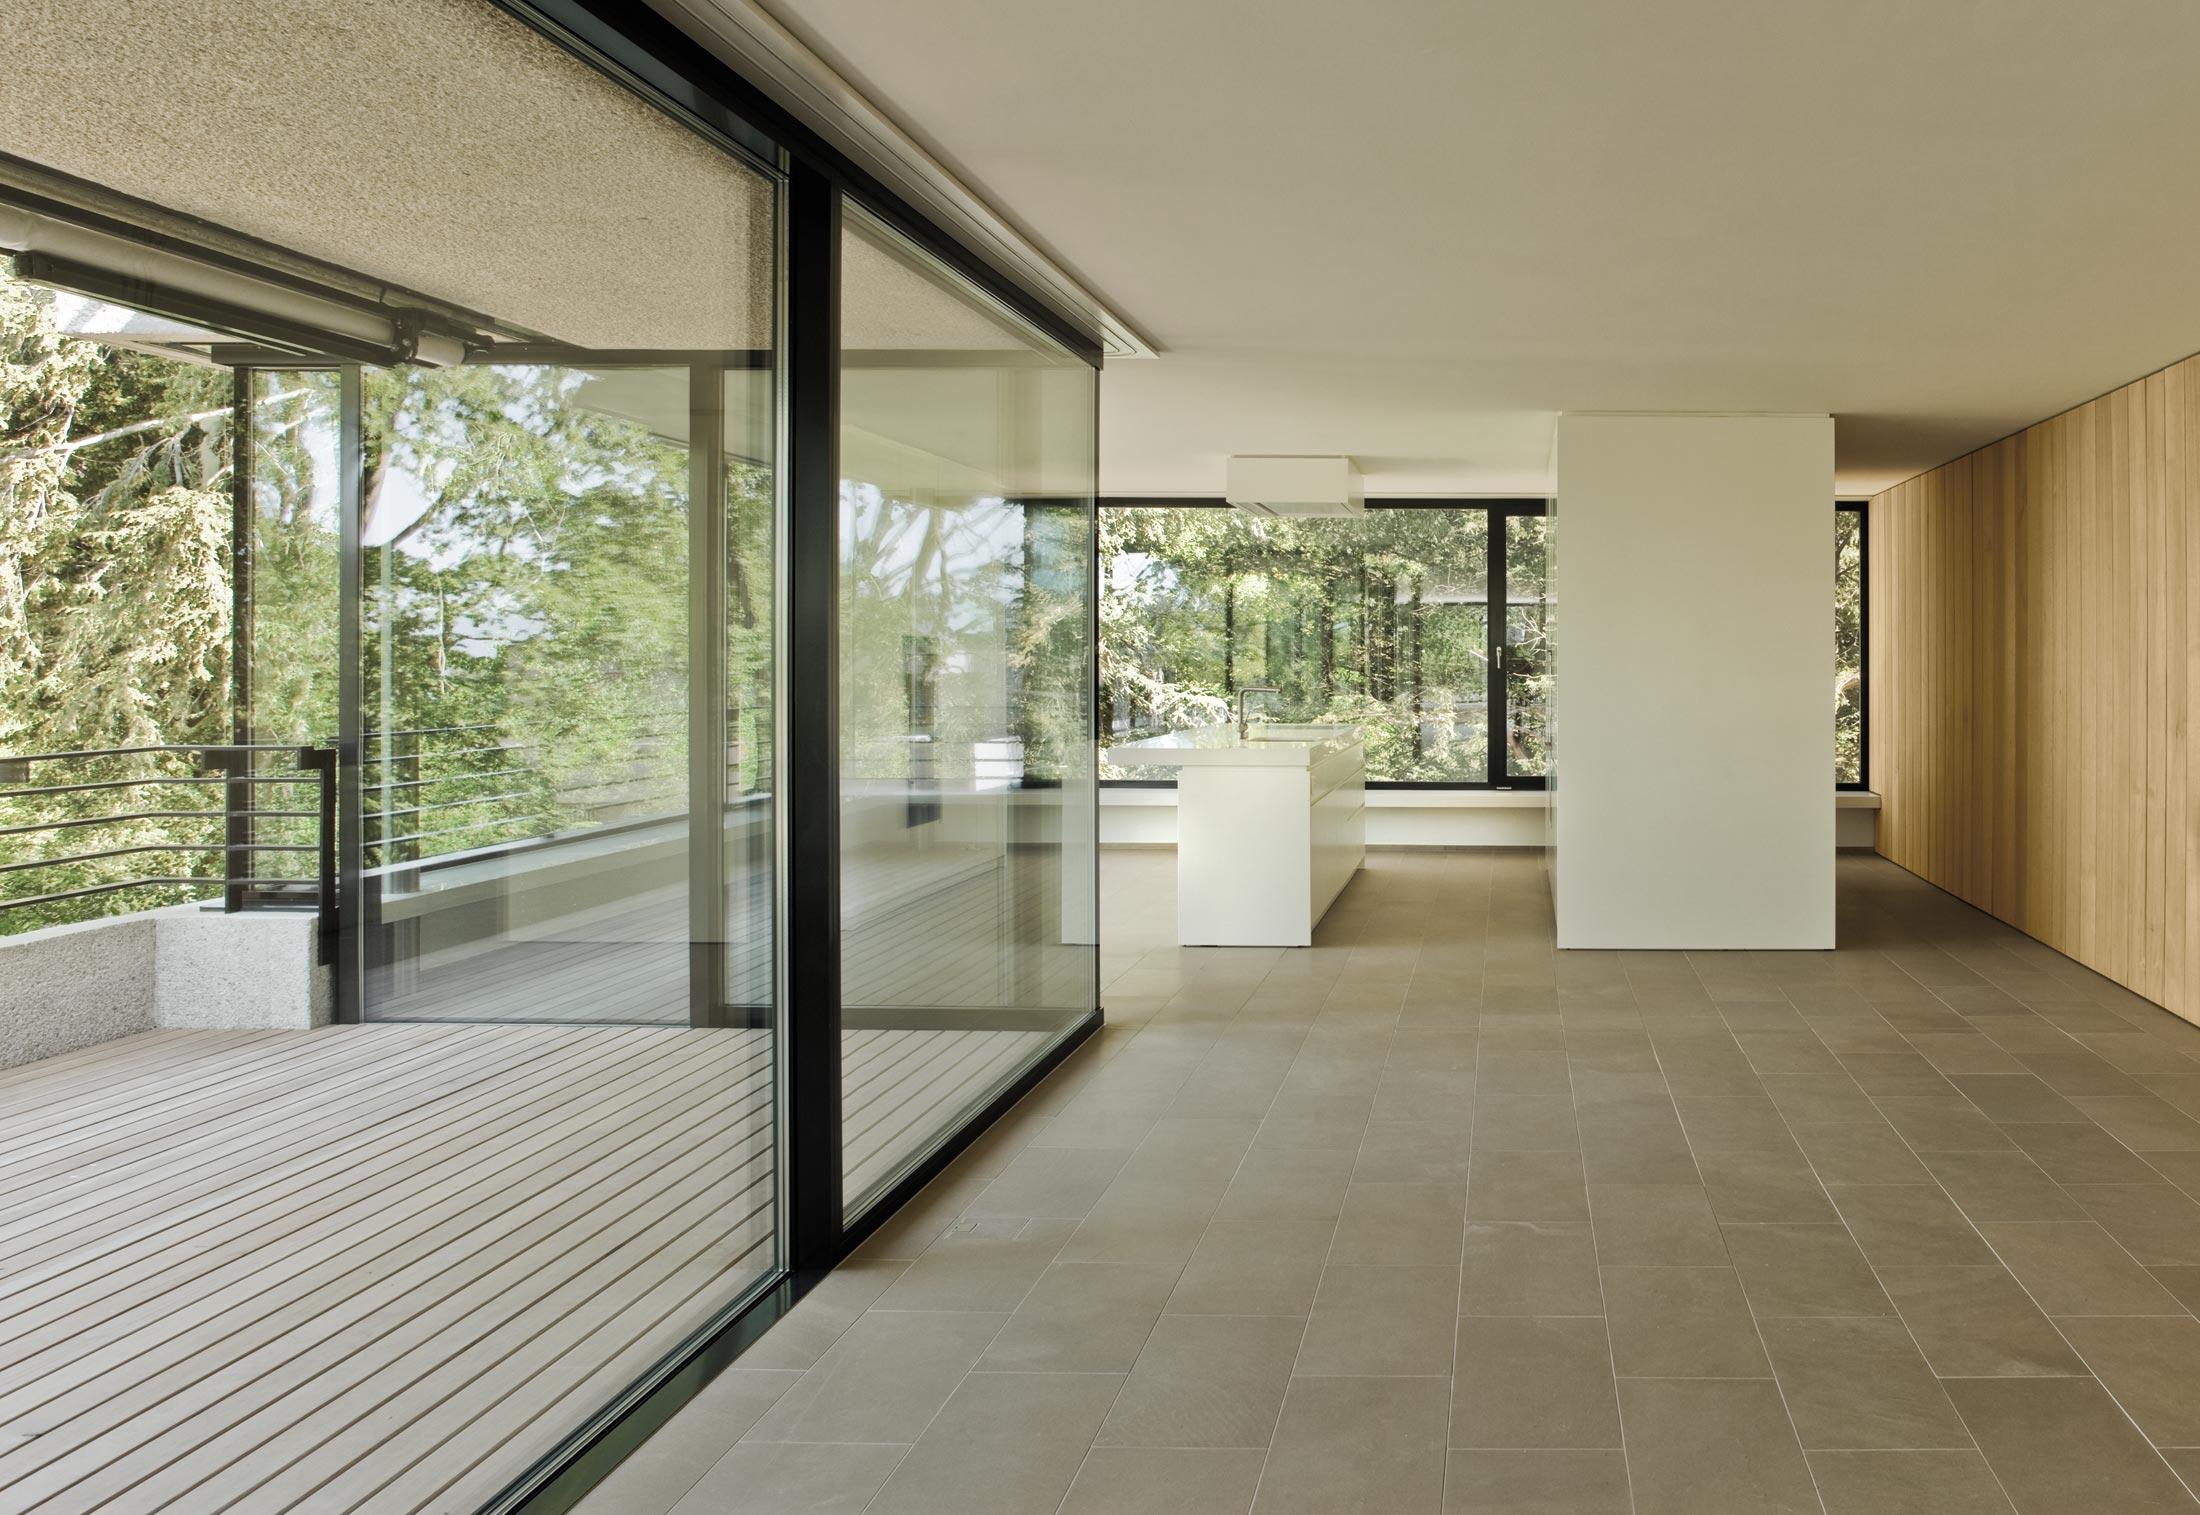 fenster fassadensystem villen im park von air lux stylepark. Black Bedroom Furniture Sets. Home Design Ideas